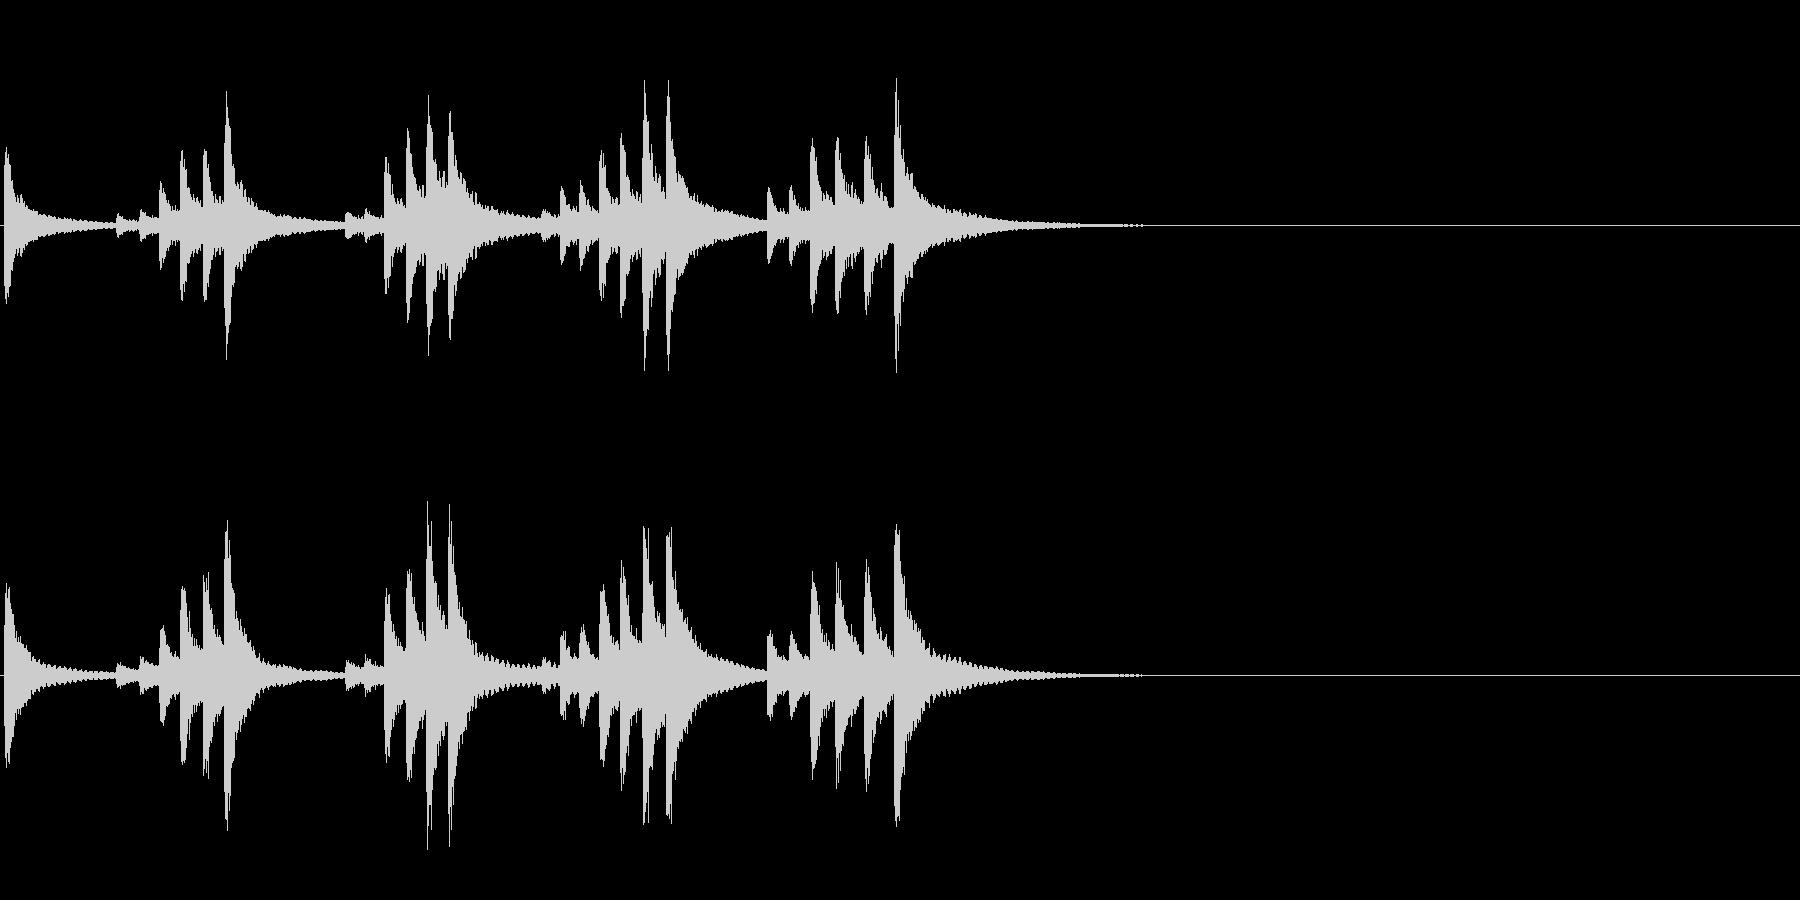 小型の鐘「本つり鐘」のフレーズ音3の未再生の波形